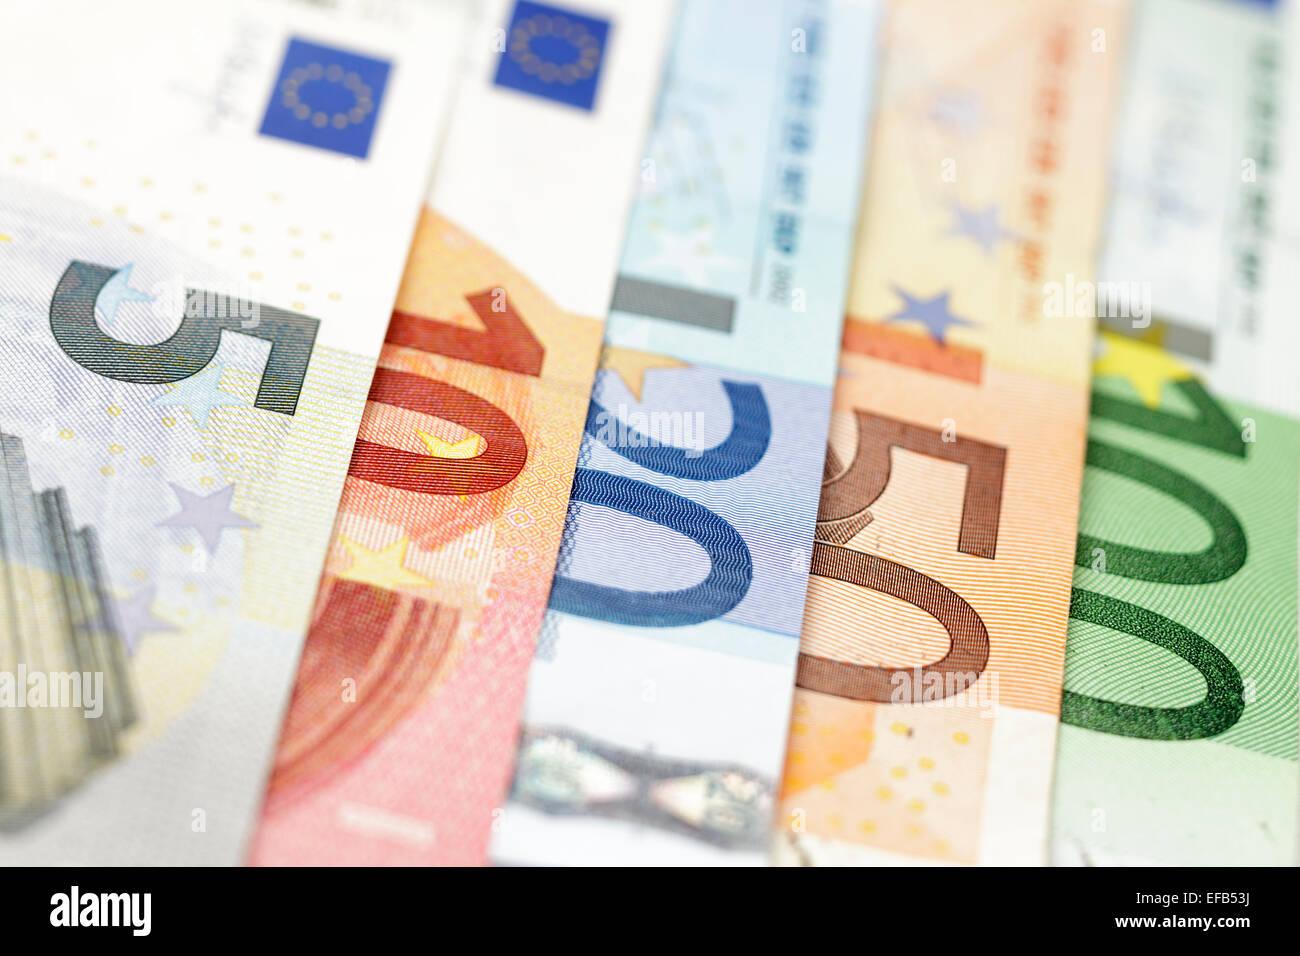 Euro bank notes prises avec Tilt Shift lens Banque D'Images